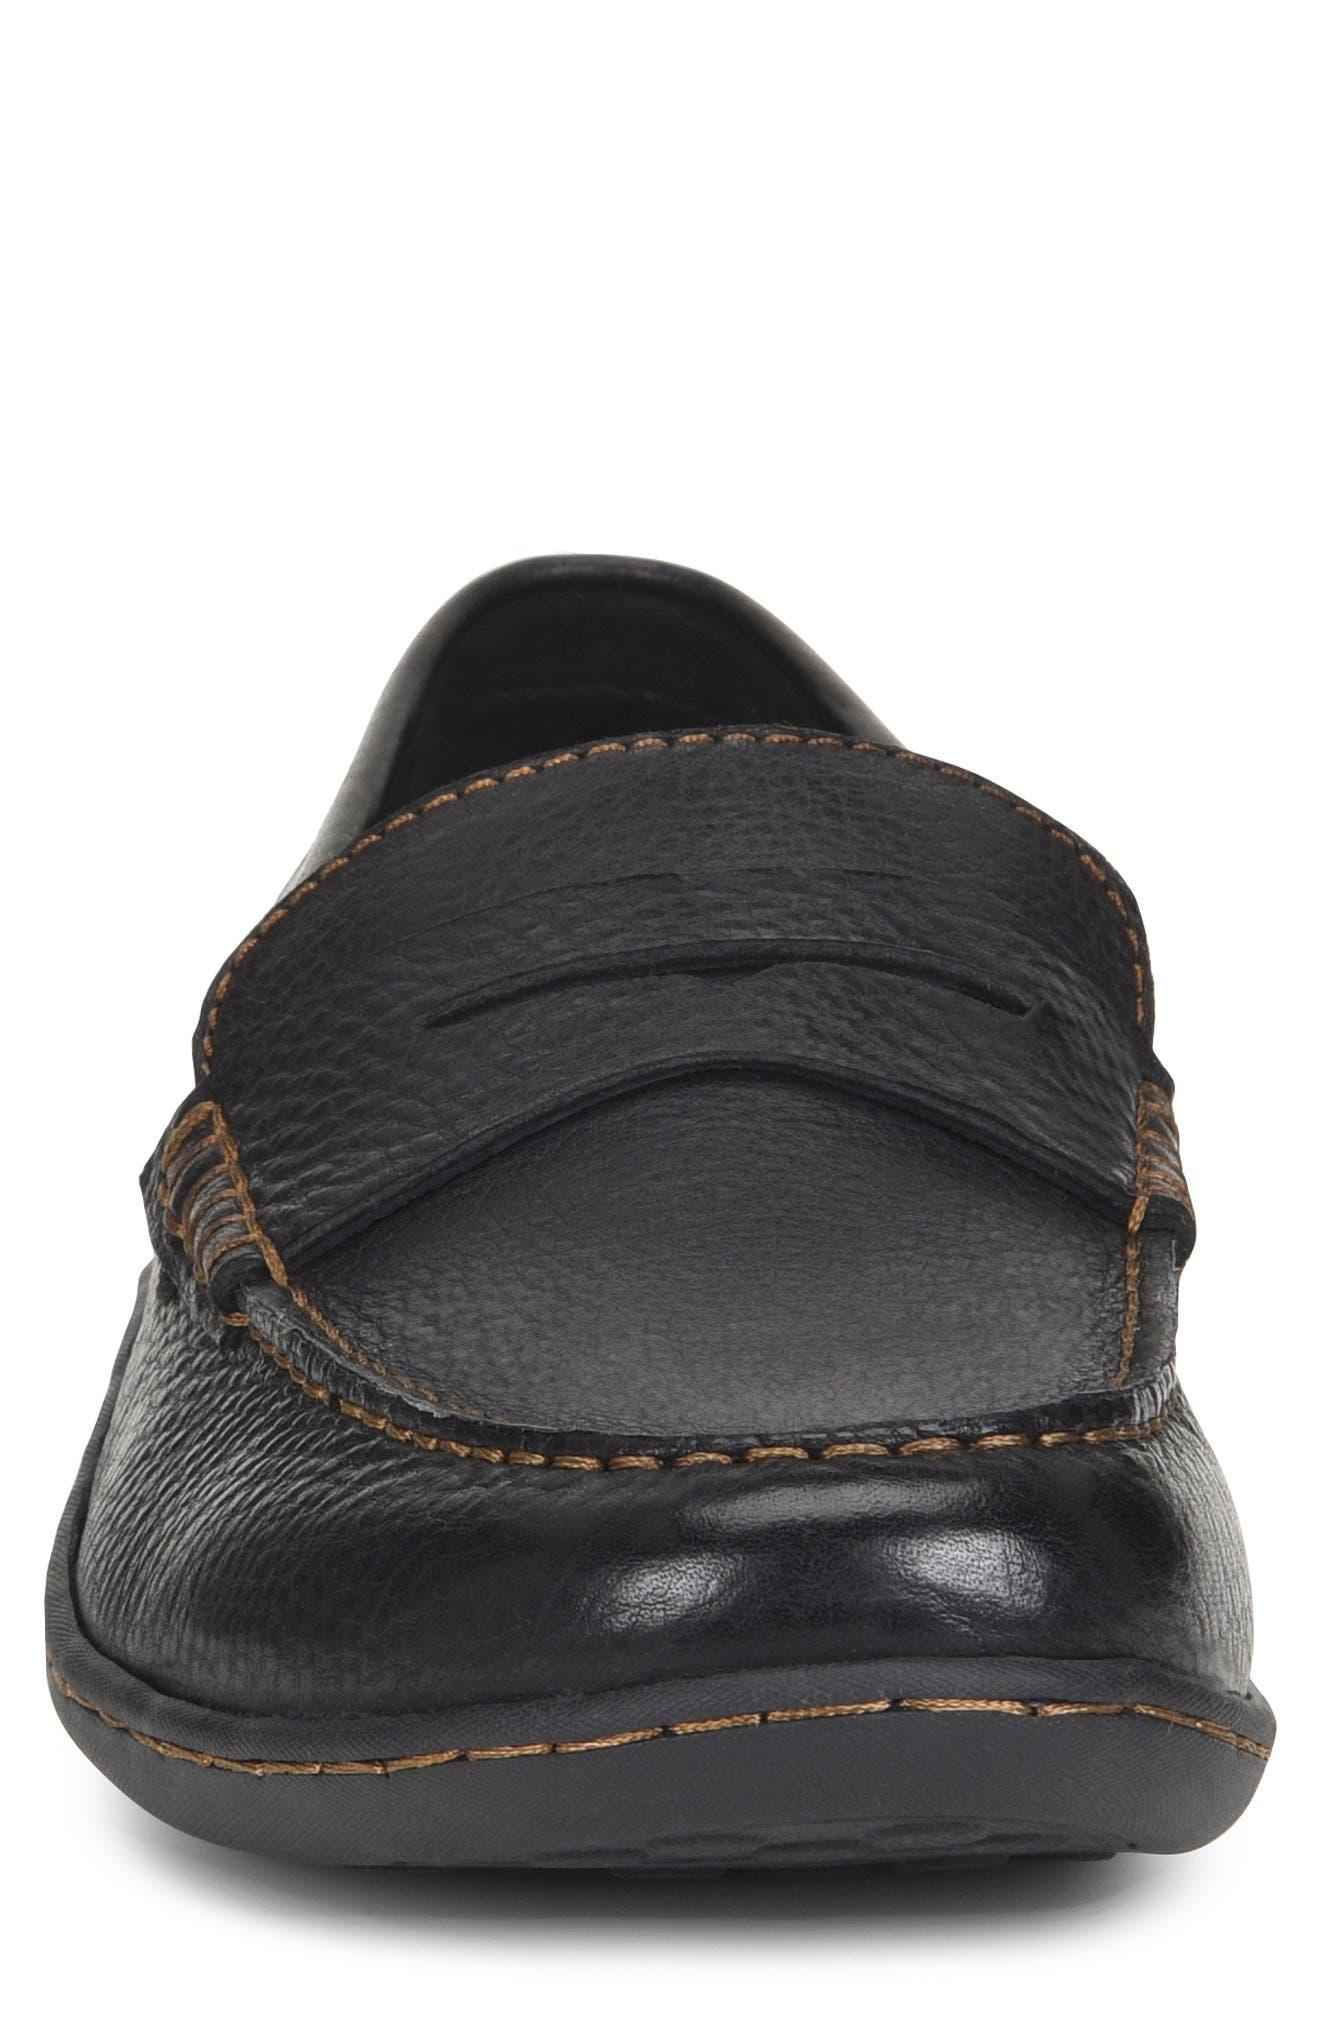 Simon II Driving Shoe,                             Alternate thumbnail 4, color,                             BLACK LEATHER